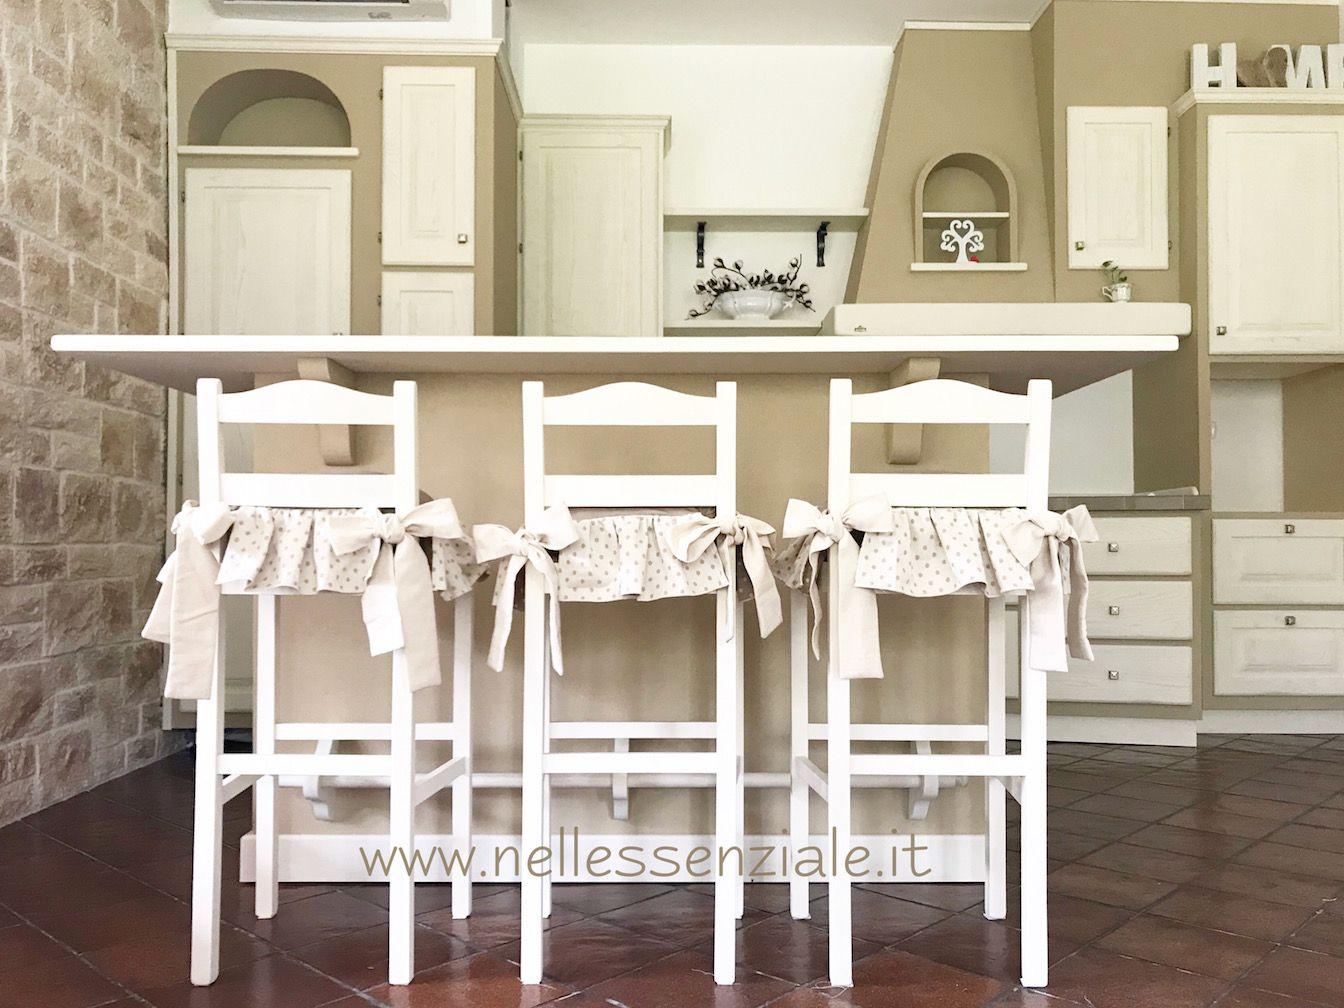 Cuscini per cucina open space in muratura | Pinterest | Copri sedia ...